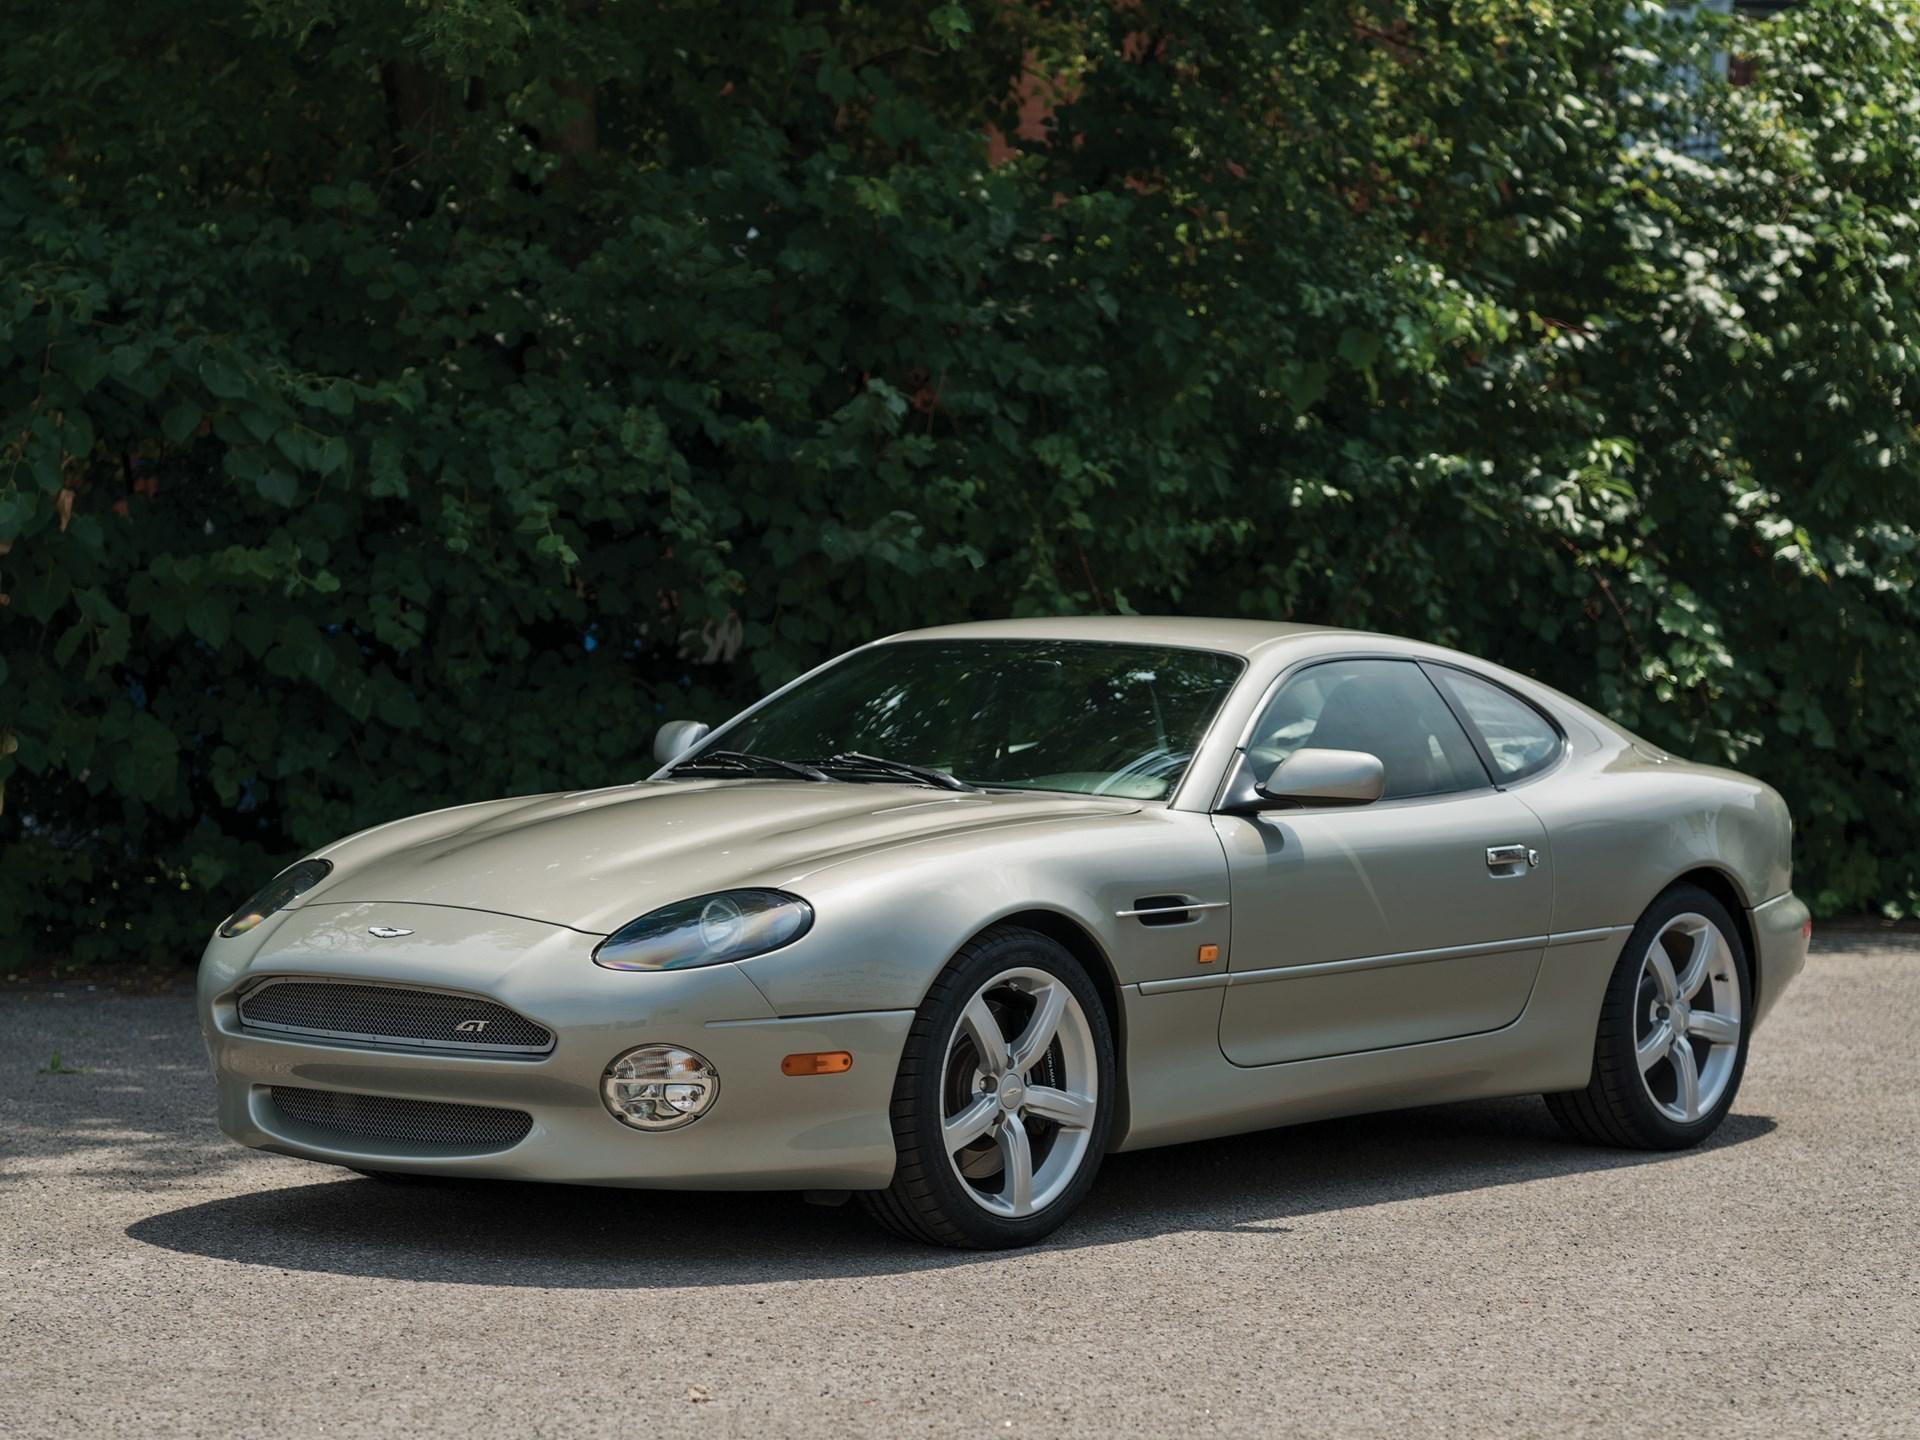 Aston Martin Db7 Gt Gta Market Classic Com